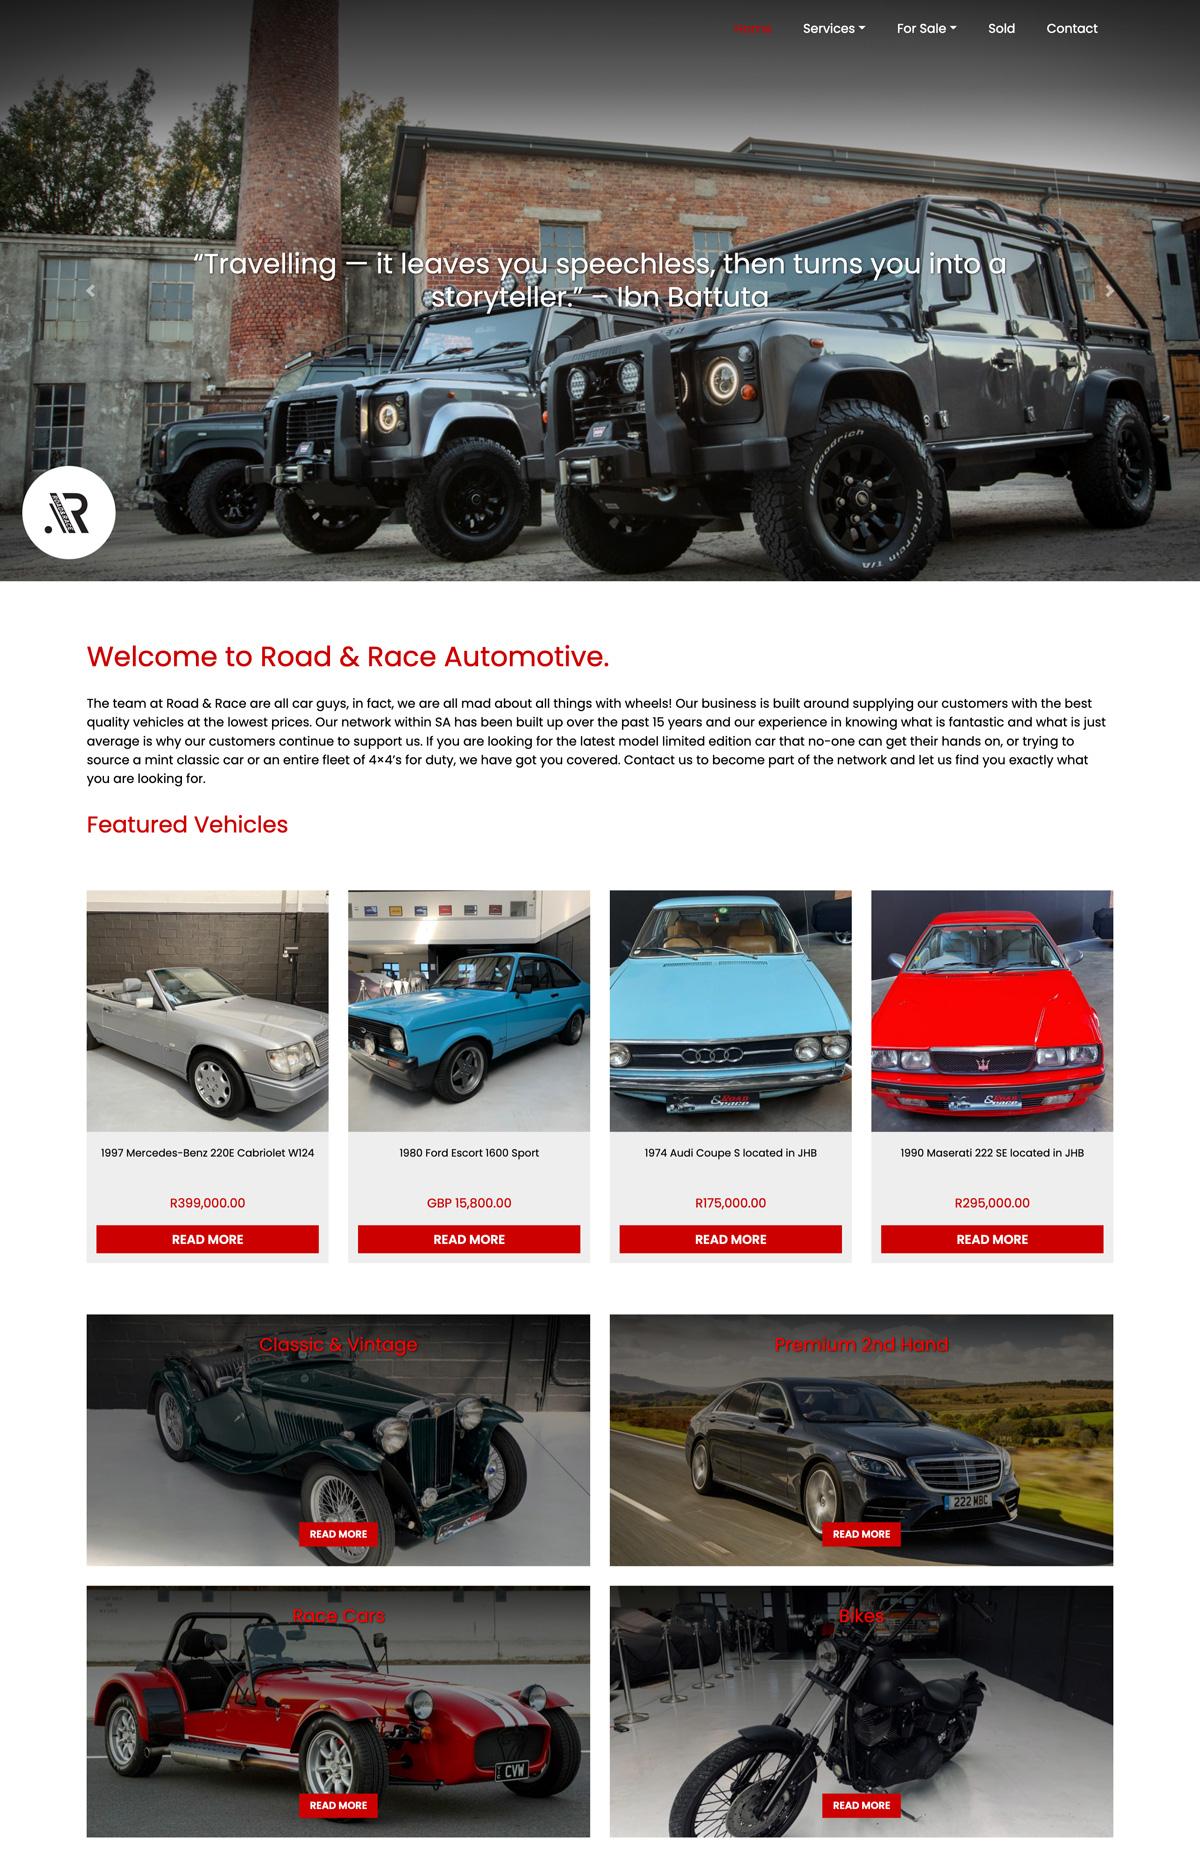 Road & Race Automotive